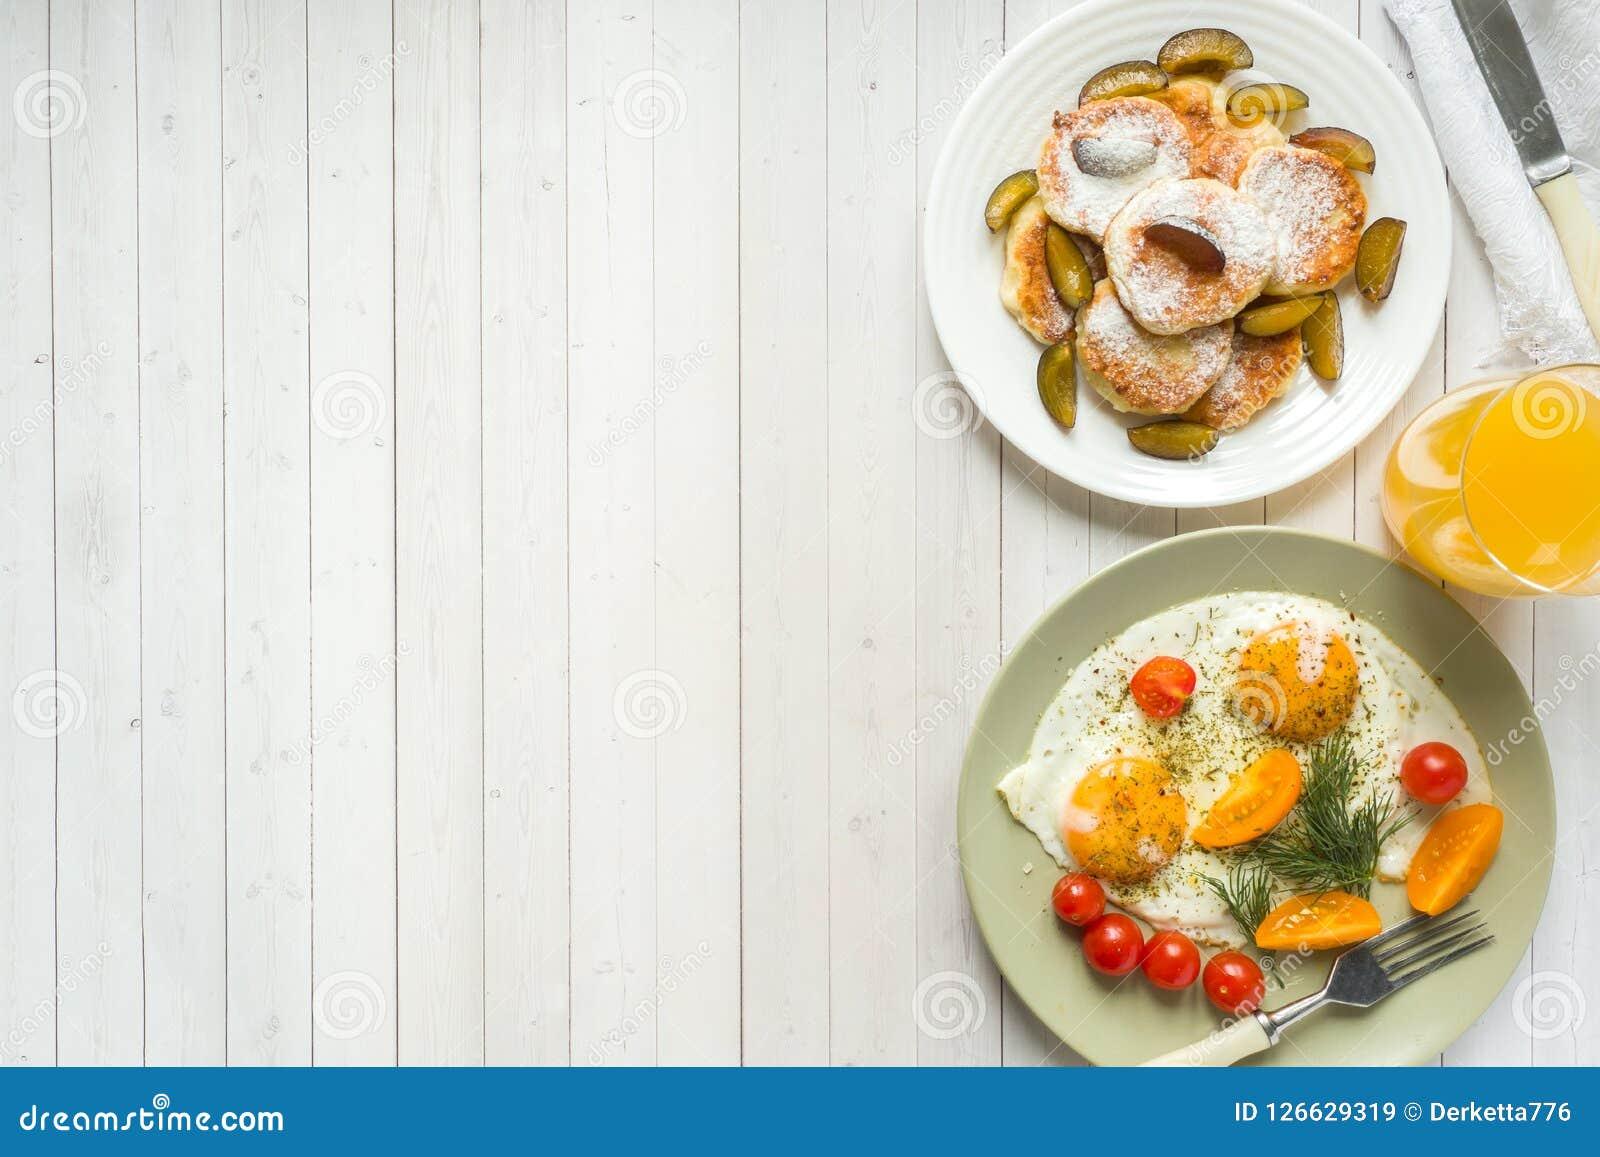 Pojęcie śniadanie Smażył jajka, chałupa sera bliny, śliwki i oatmeal z mlekiem, sok pomarańczowy na stole